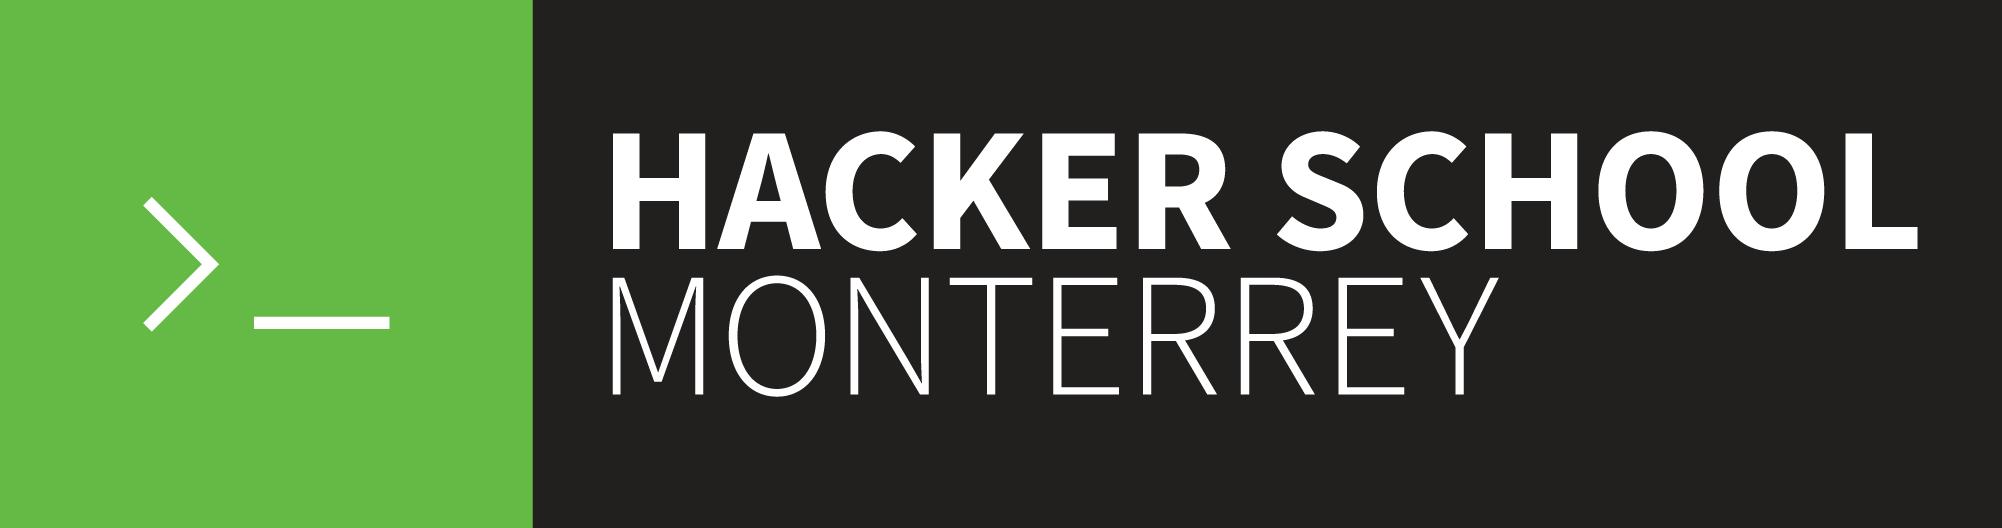 HackerSchool-Logo1 (2).png